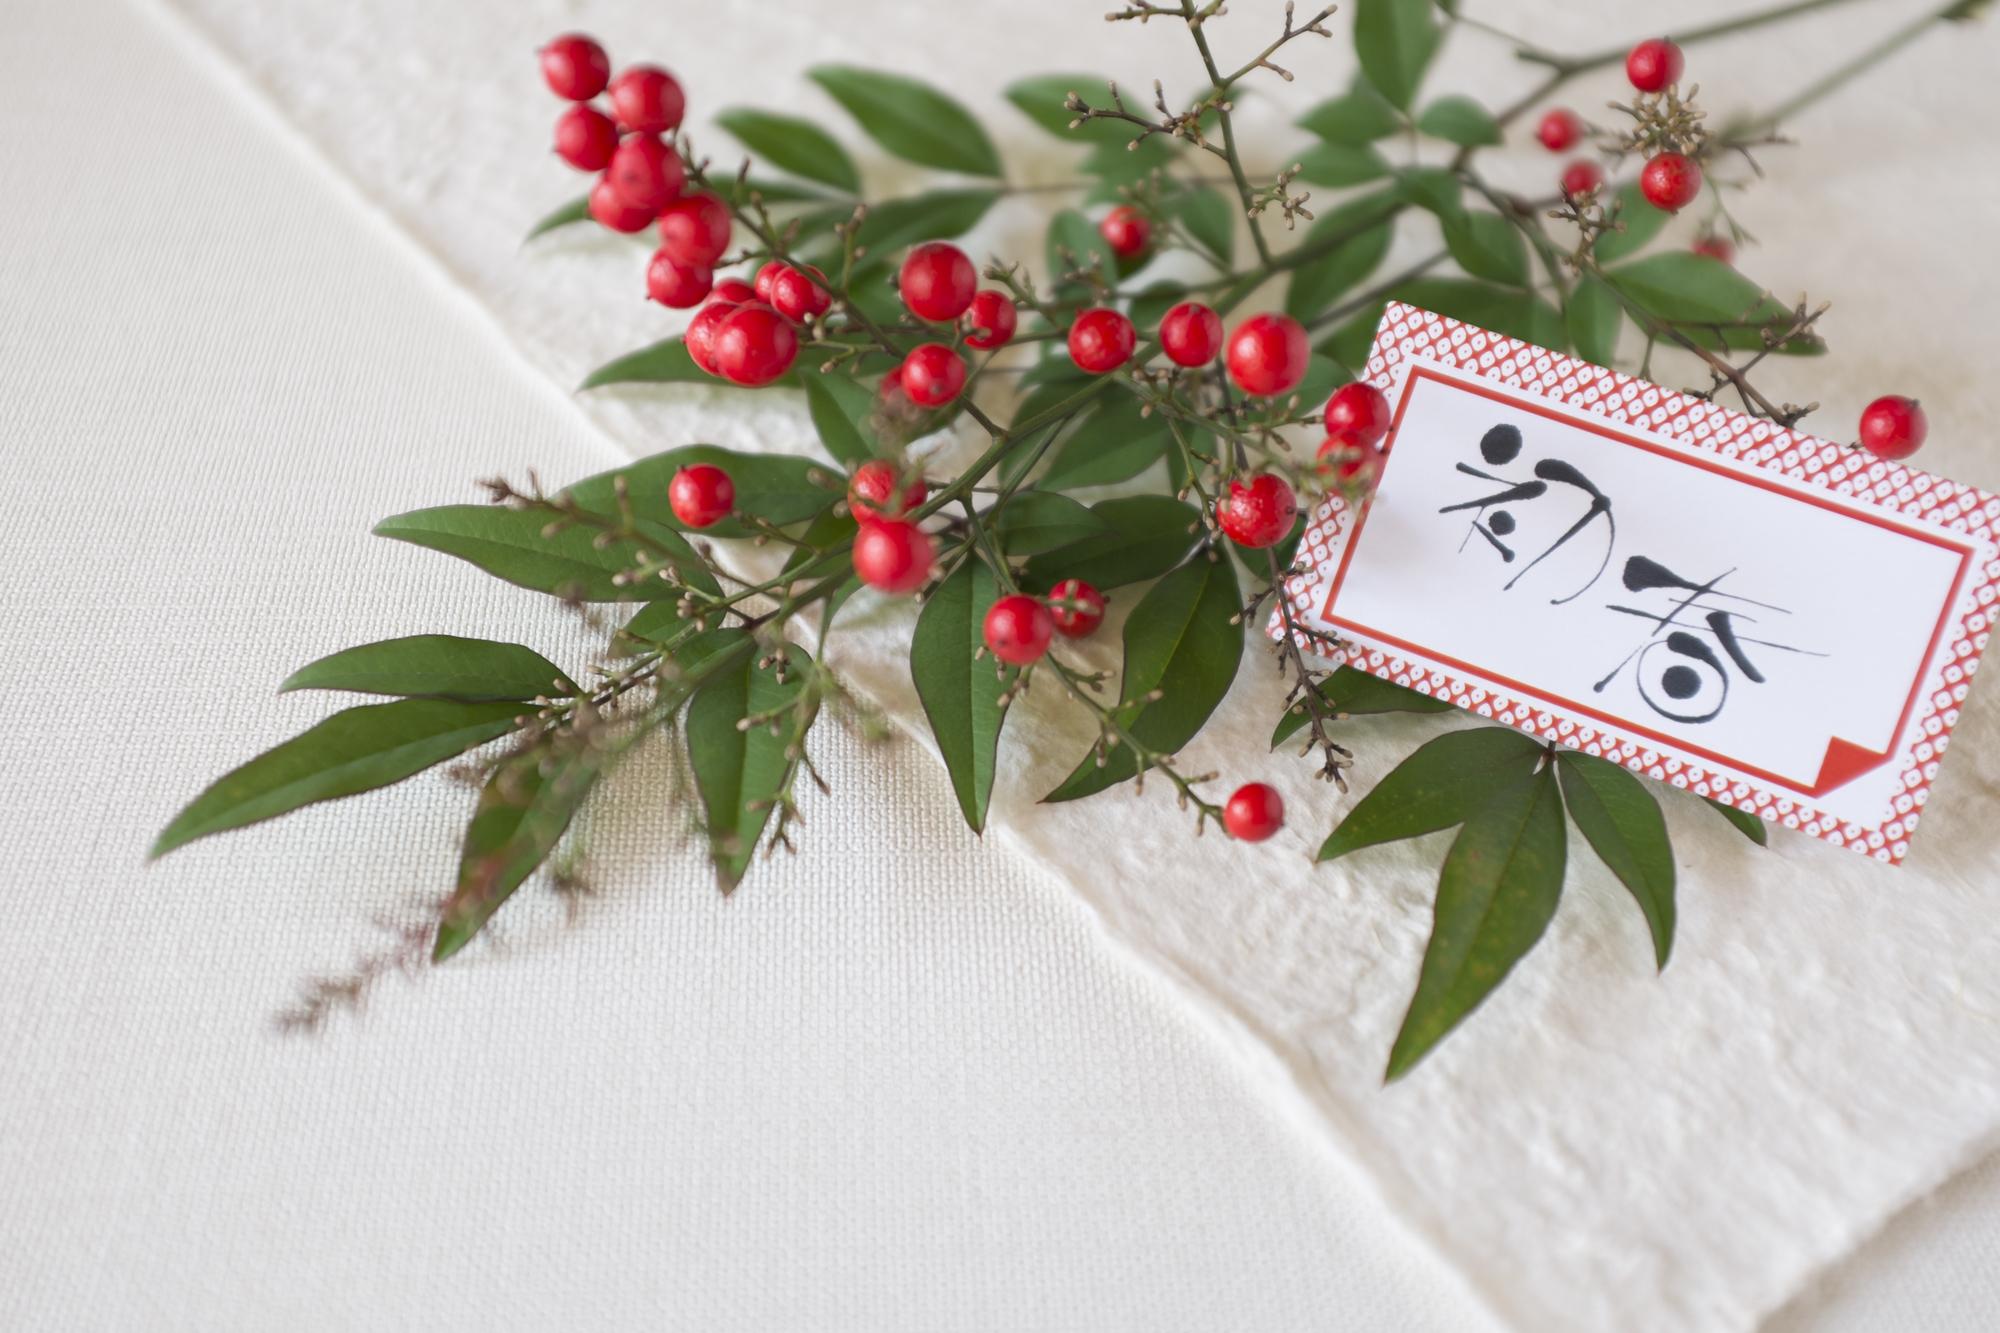 お正月を彩る縁起物の花